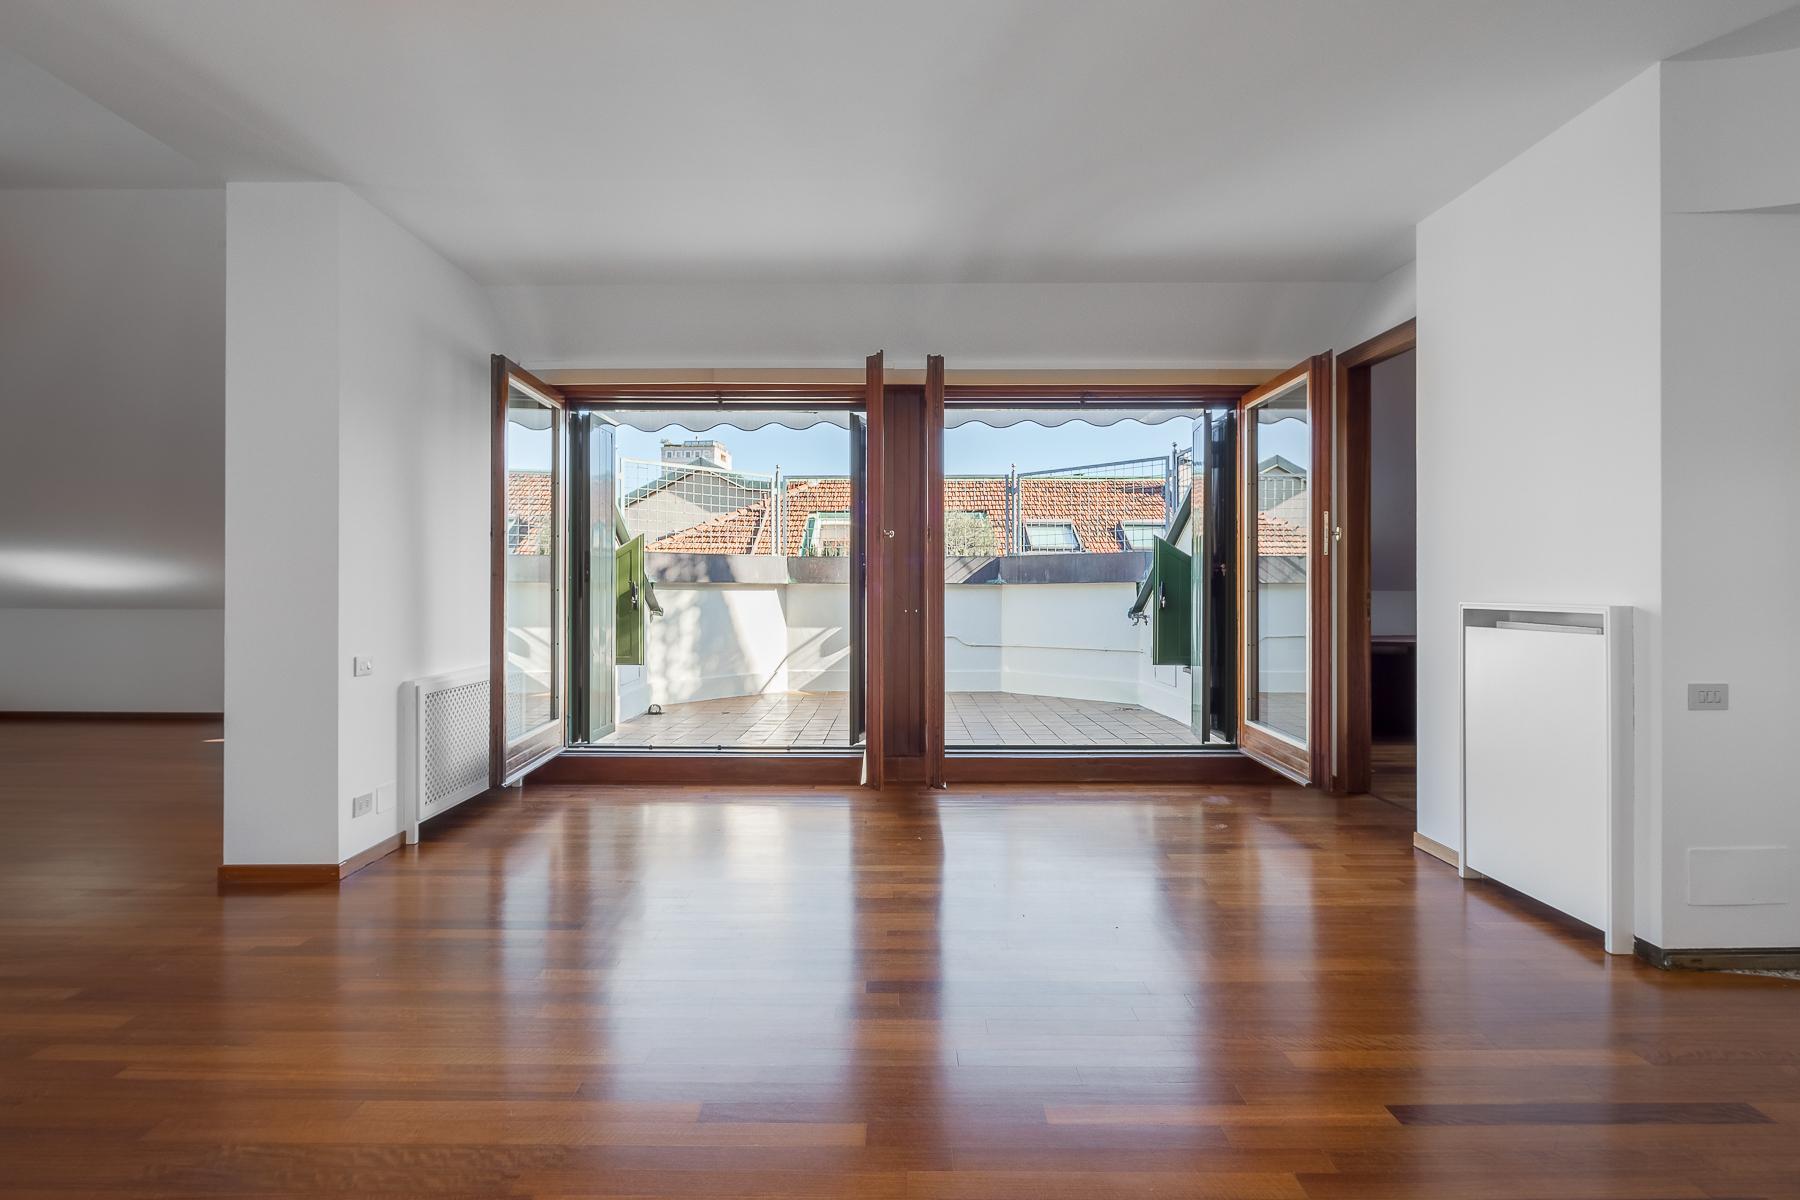 Magnifique appartement avec terrasse dans un bâtiment d'époque - 2